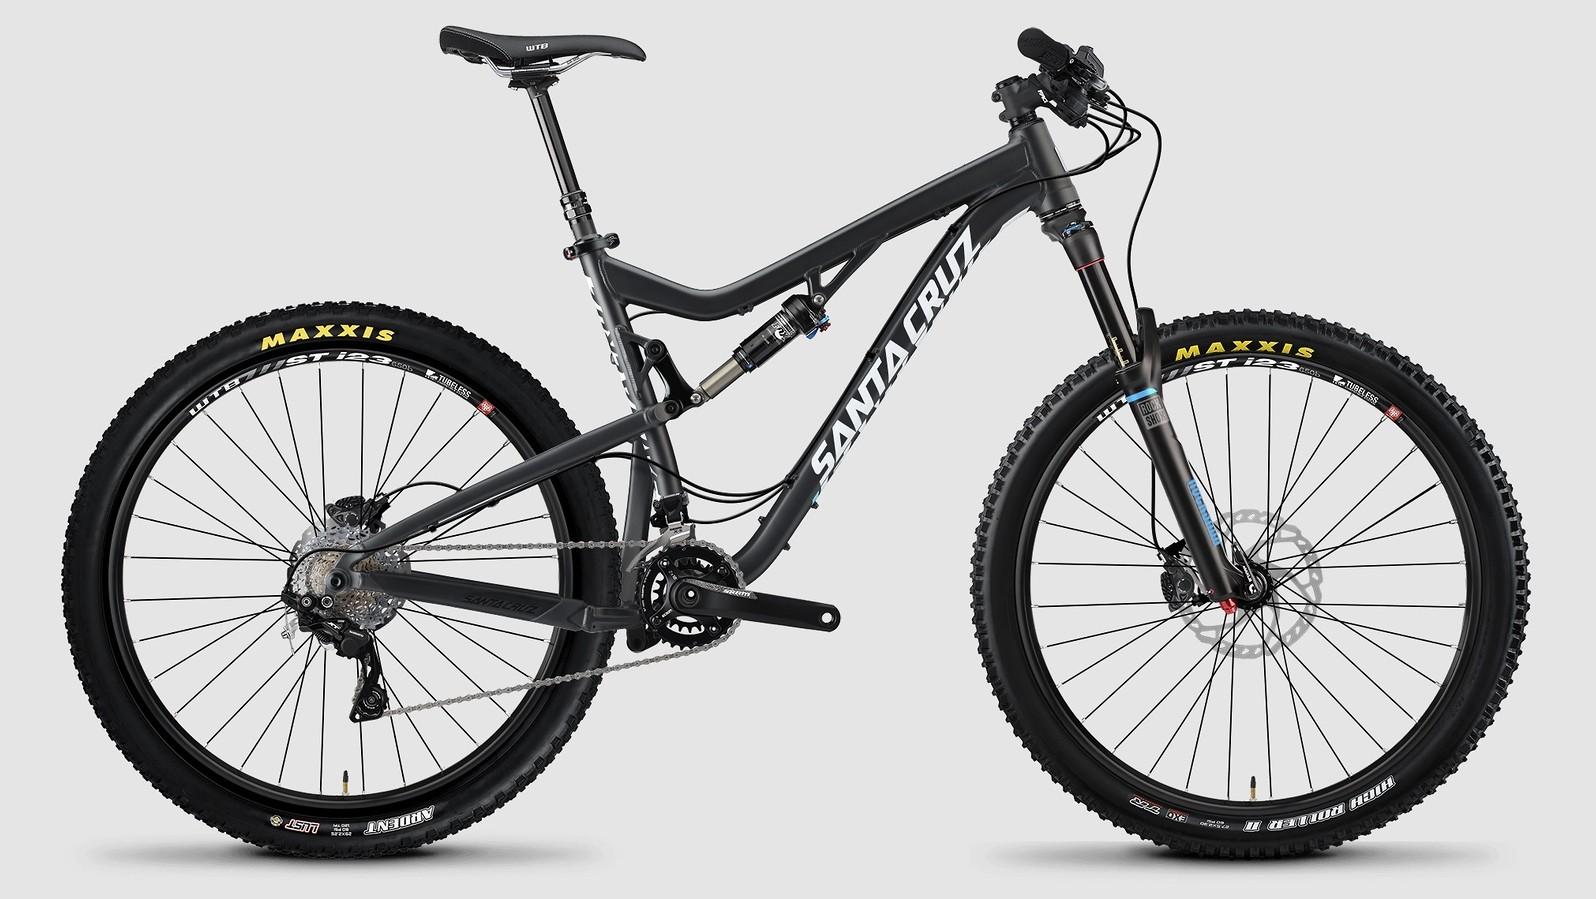 2015 Santa Cruz 5010 Aluminum S bike